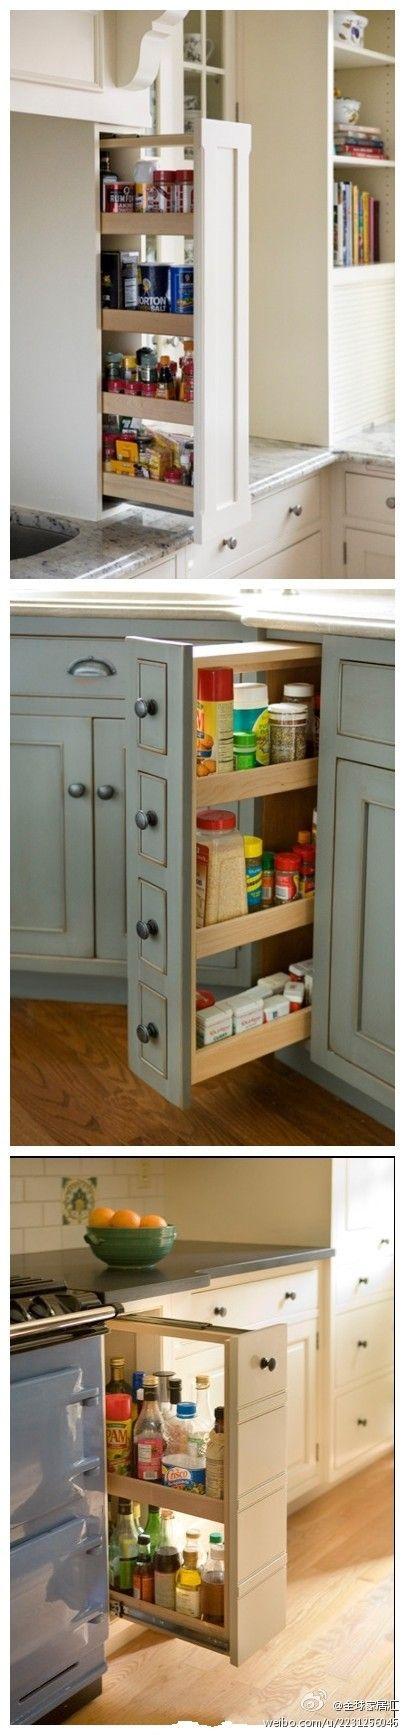 Mejores 73 imágenes de muebles en Pinterest   Carpintería ...